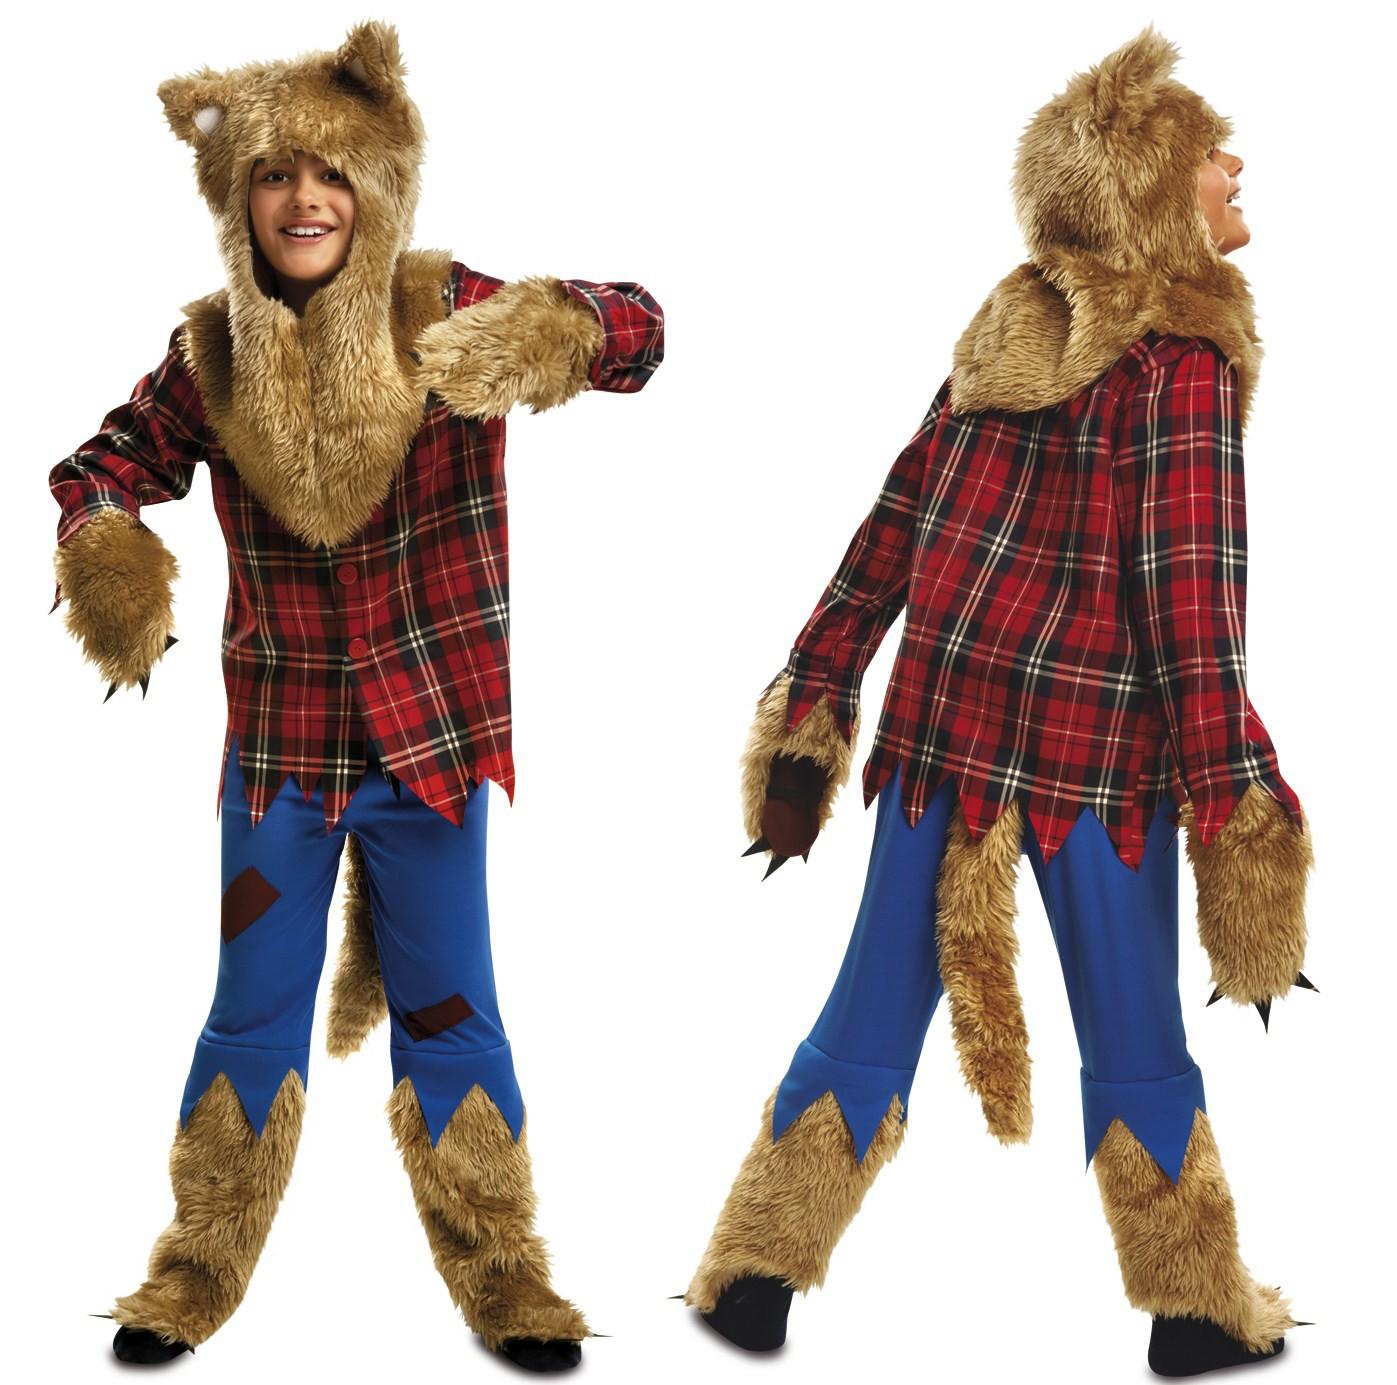 Comprar Disfraz de Hombre Lobo Infantil por solo 2300 Tienda de